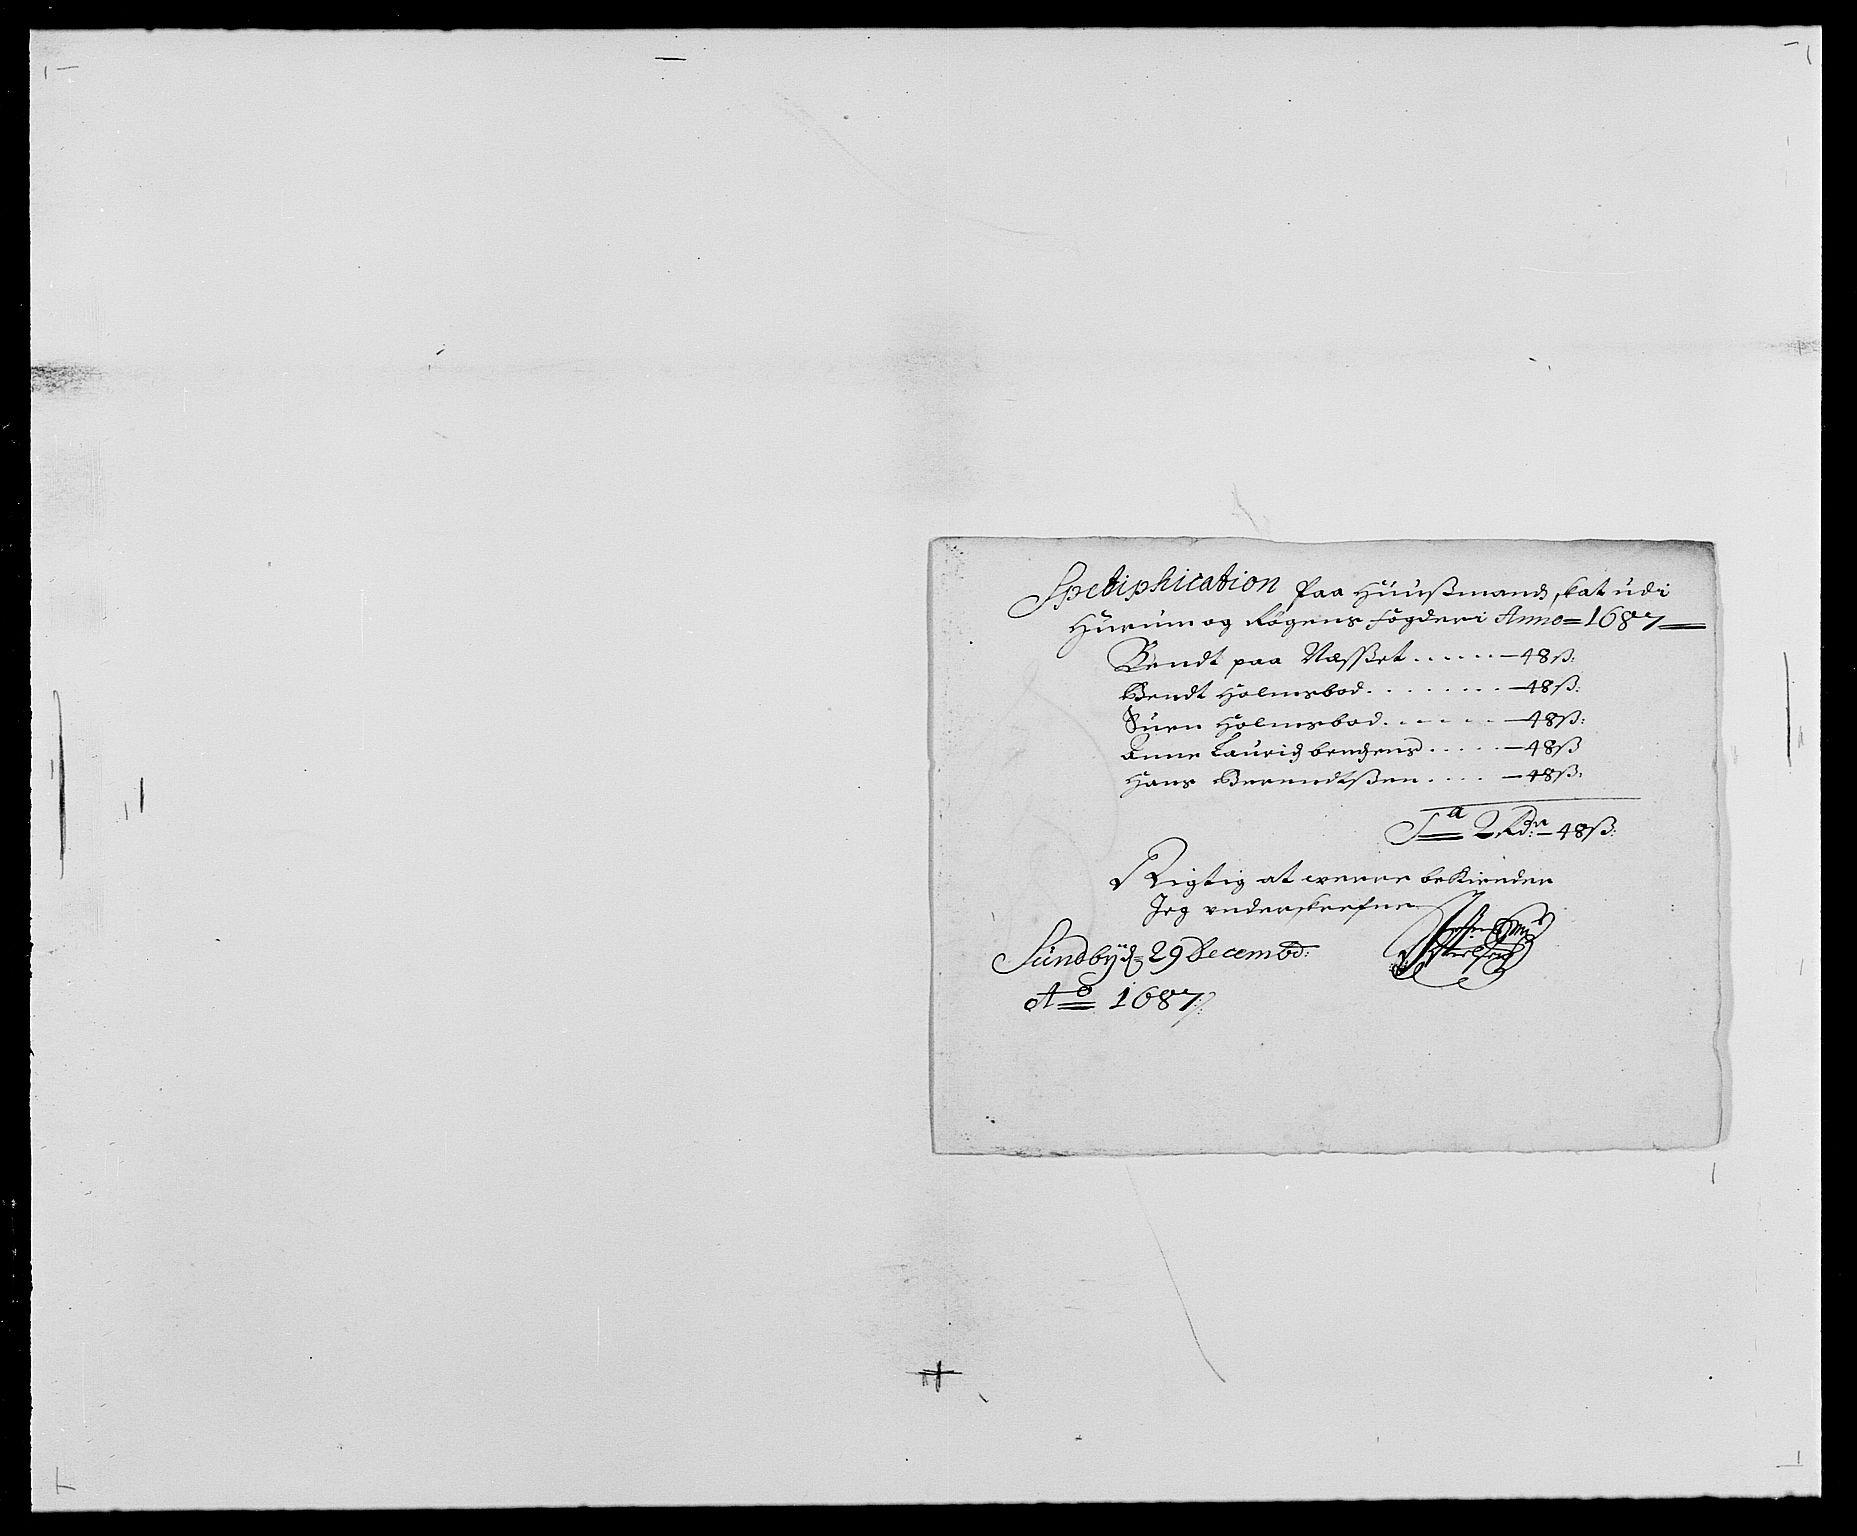 RA, Rentekammeret inntil 1814, Reviderte regnskaper, Fogderegnskap, R29/L1692: Fogderegnskap Hurum og Røyken, 1682-1687, s. 328